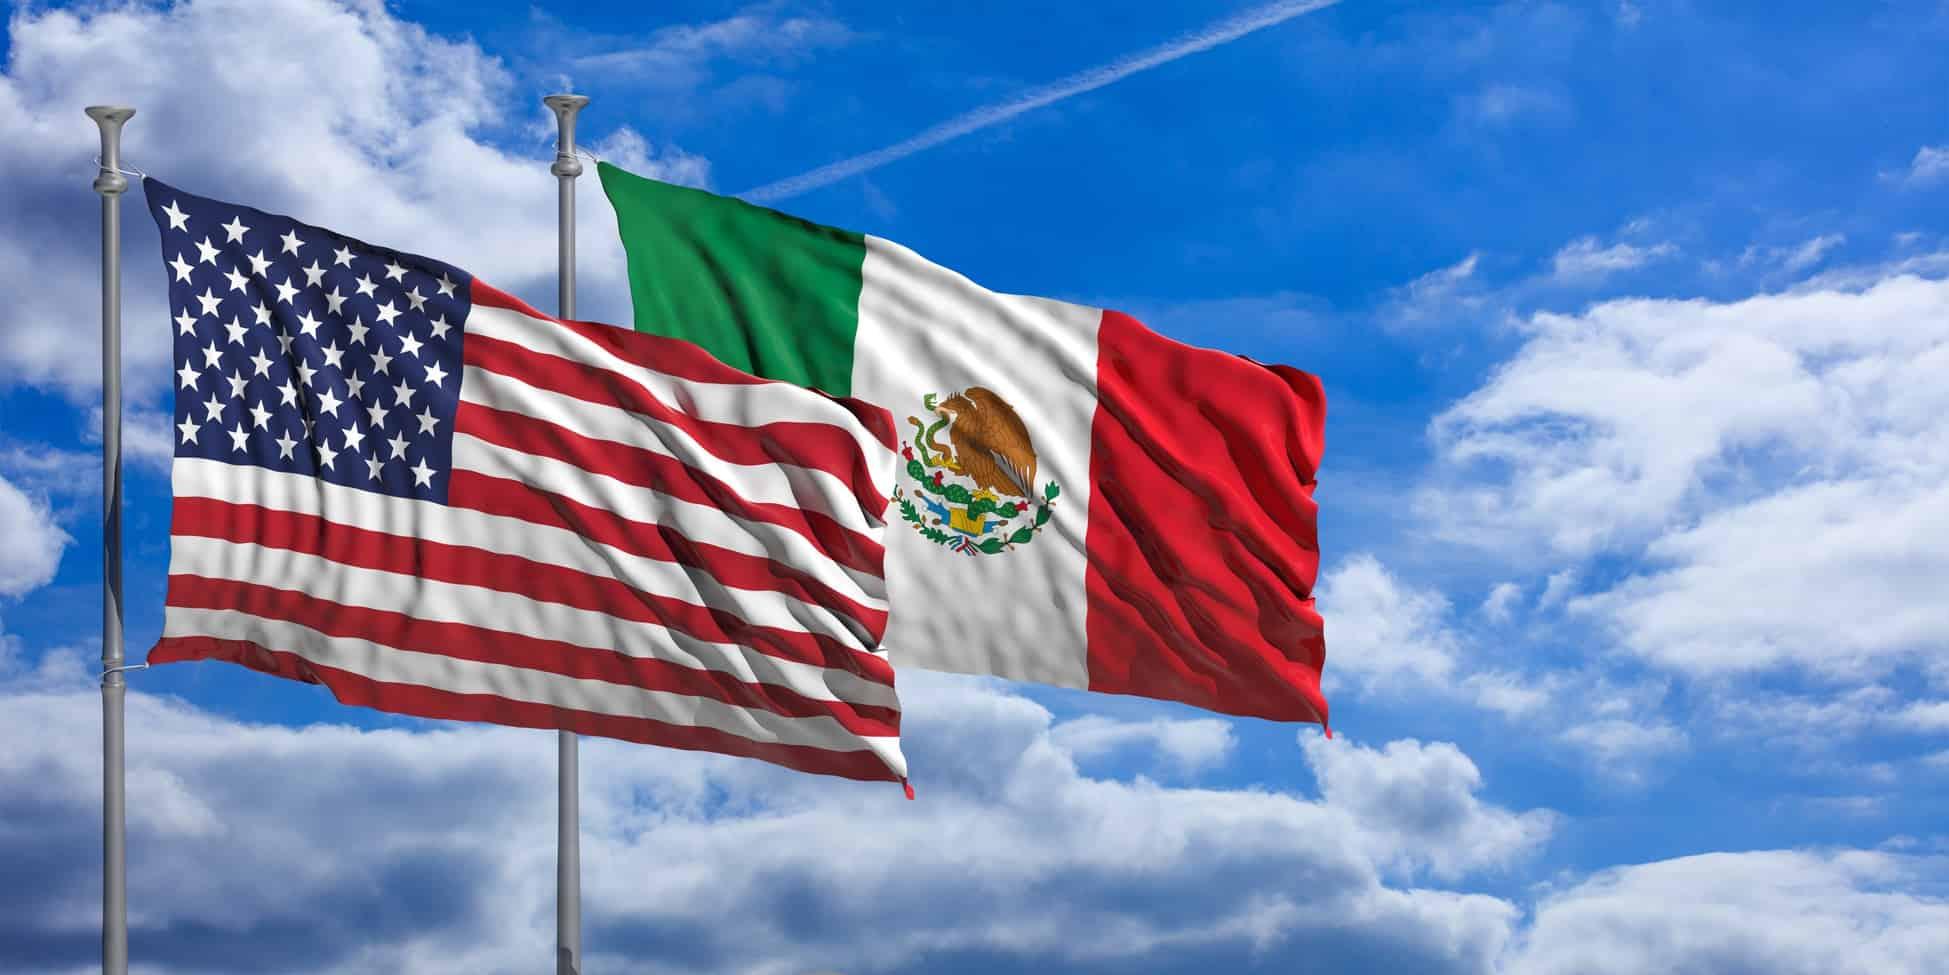 Donald Trump, insistió sobre su idea, ilógica, de considerar la salida de ese país del Tratado de Libre Comercio de América del Norte (TLCAN).